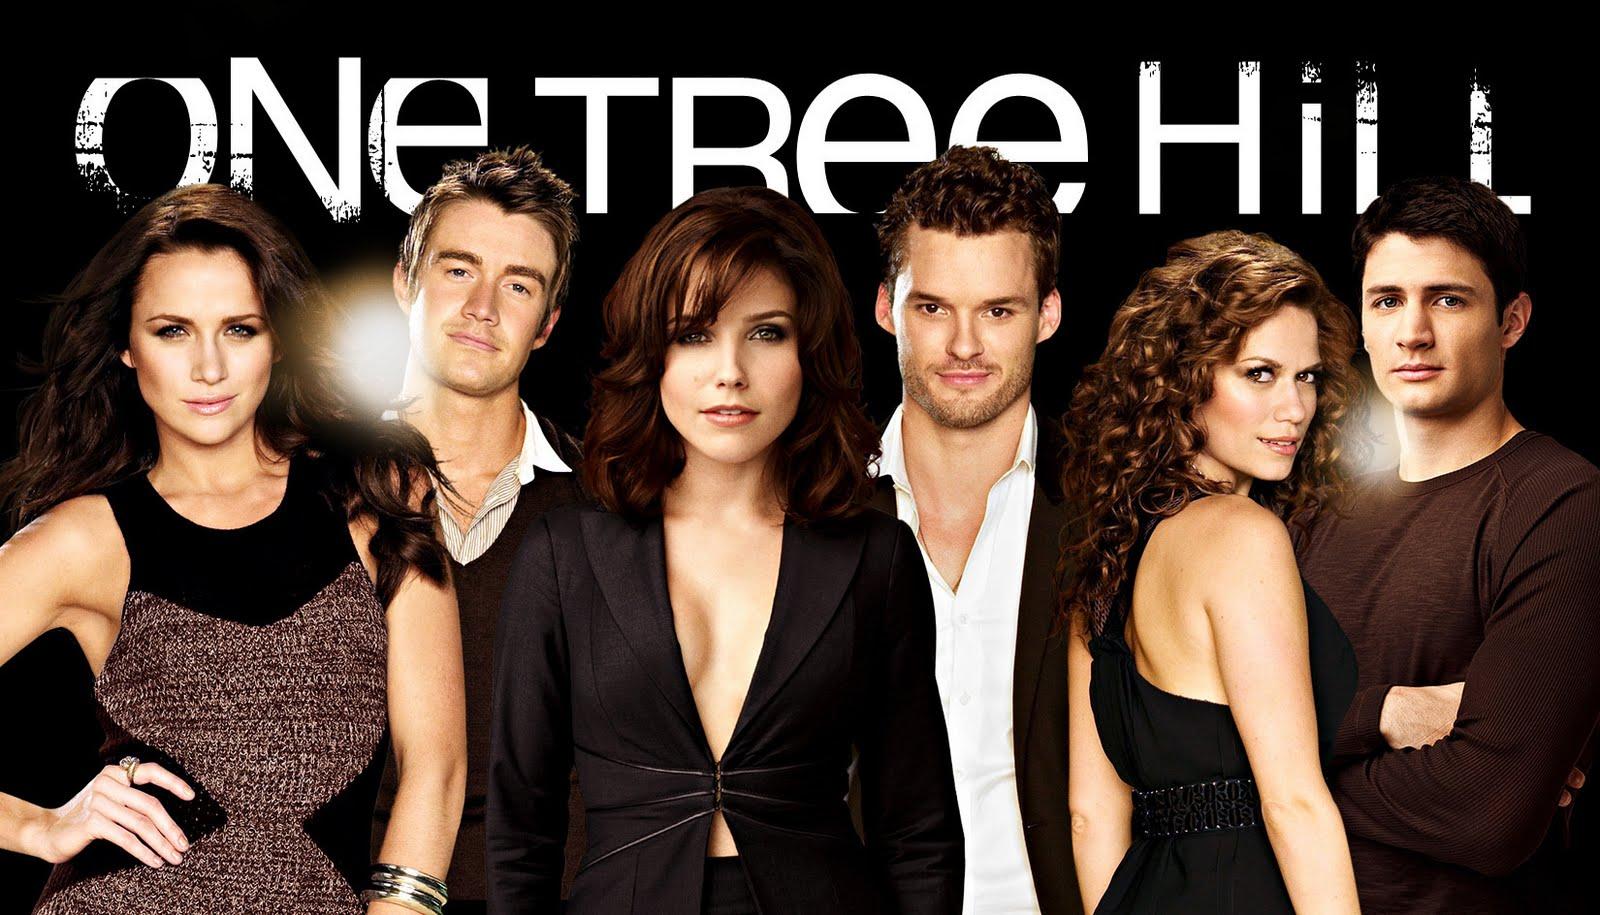 http://2.bp.blogspot.com/_Nda88QLmWf0/TSWvo7tHE3I/AAAAAAAALYQ/wmeHNbIvwGk/s1600/One-Tree-Hill-Season-8-one-tree-hill-15389228-1650-1275.jpg